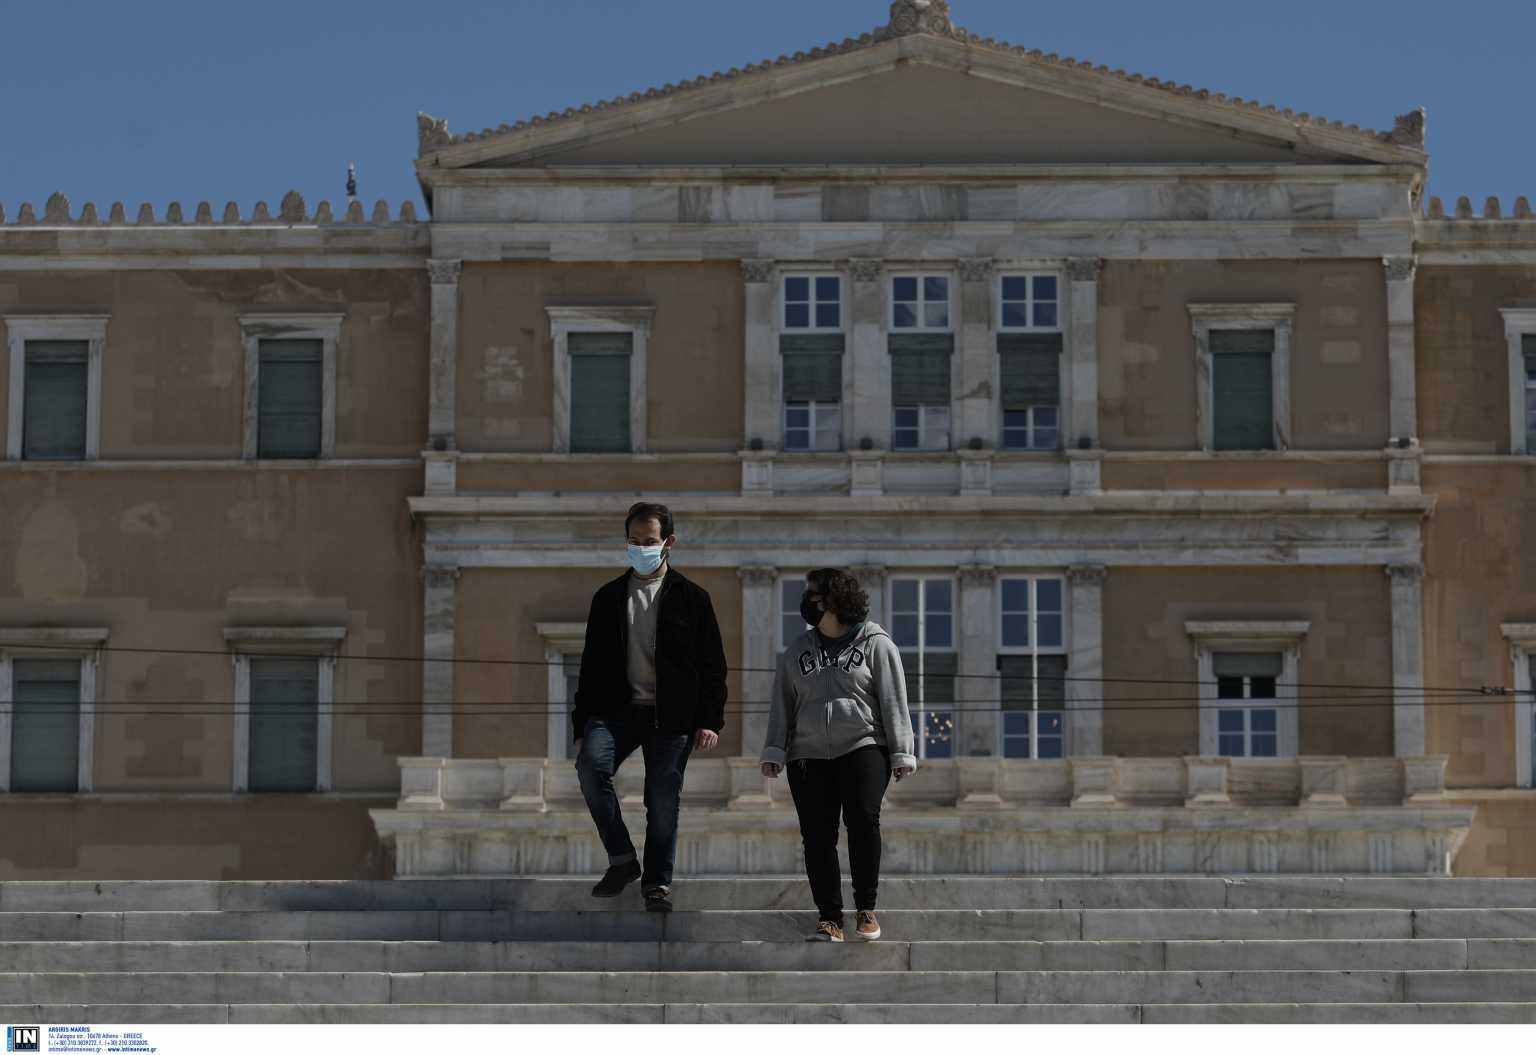 Κορονοϊός: Μάσκες σε εξωτερικούς χώρους τέλος! Νέα δεδομένα από σήμερα